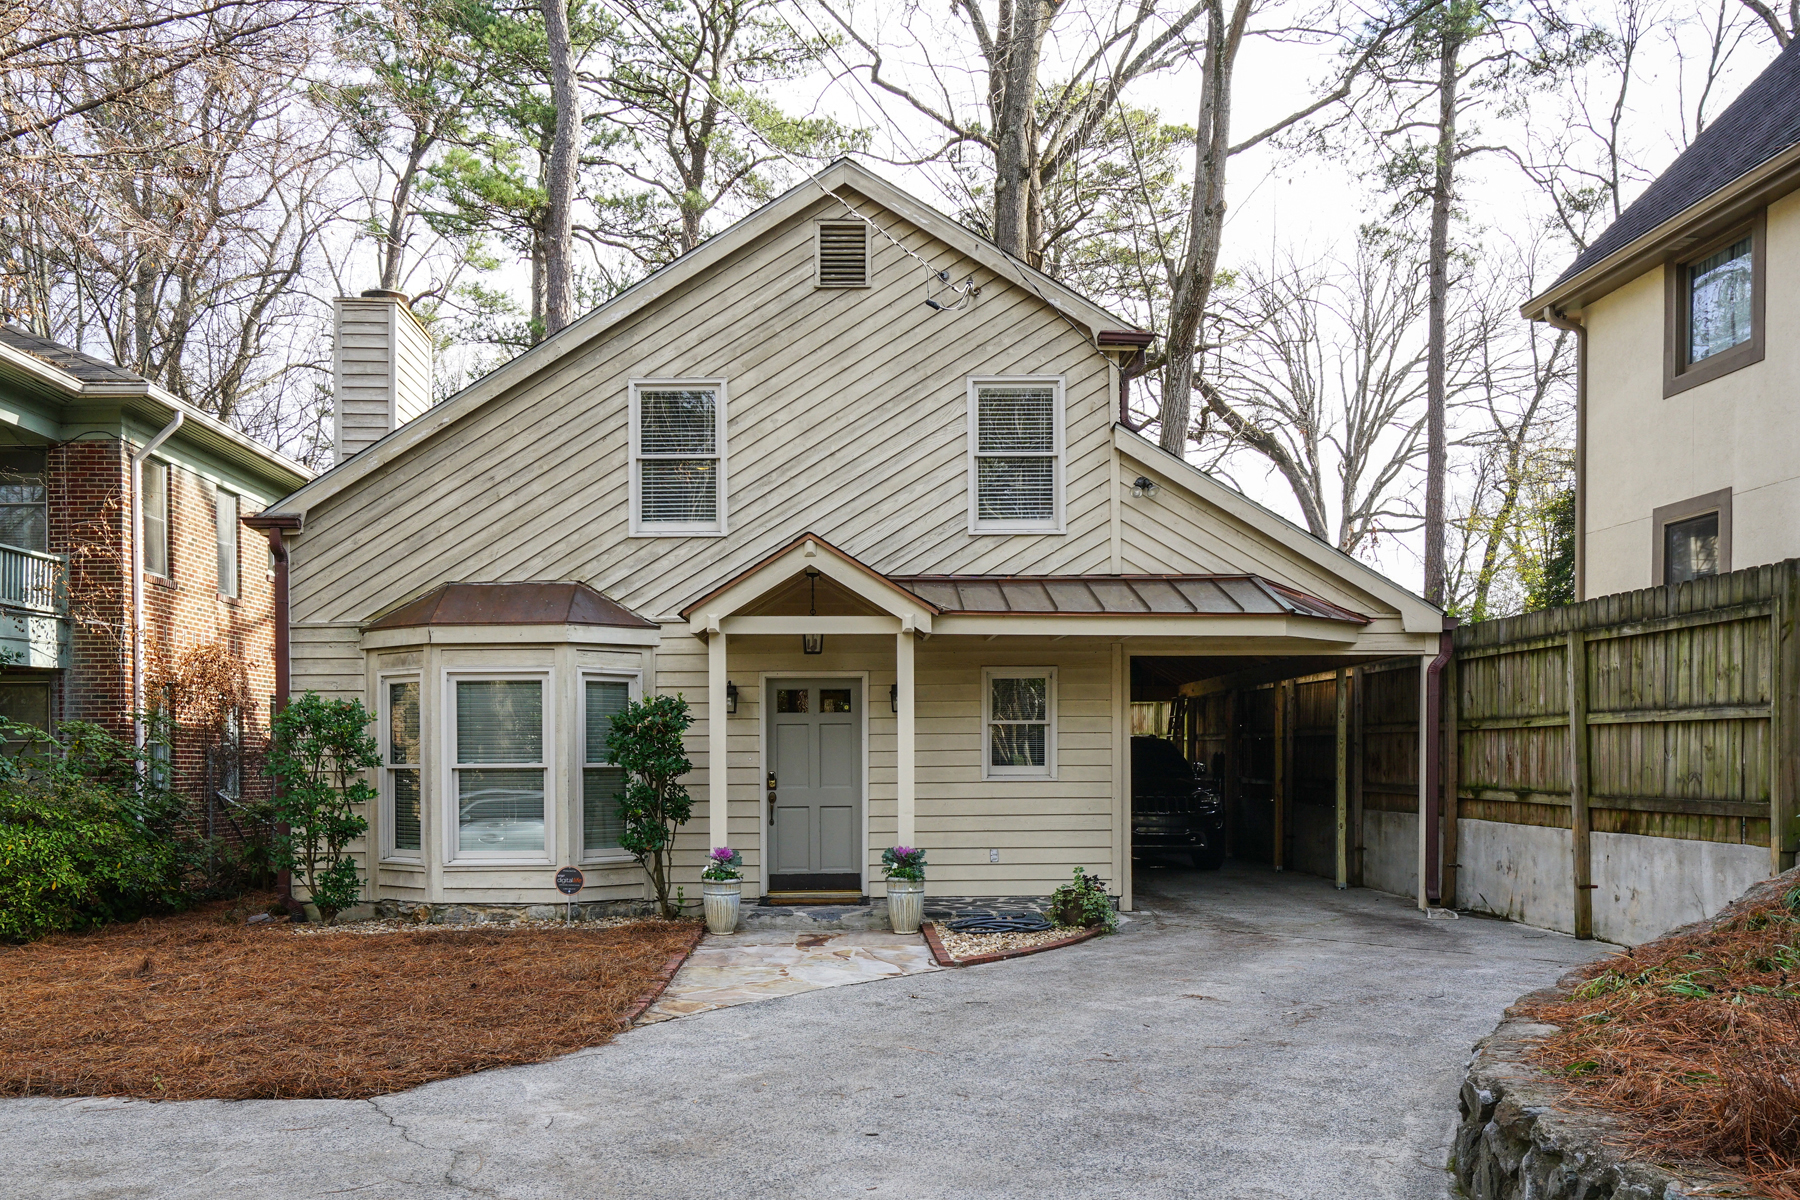 Частный односемейный дом для того Продажа на The Coolest House In Morris Brandon School District 2059 Northside Drive NW Atlanta, Джорджия, 30305 Соединенные Штаты